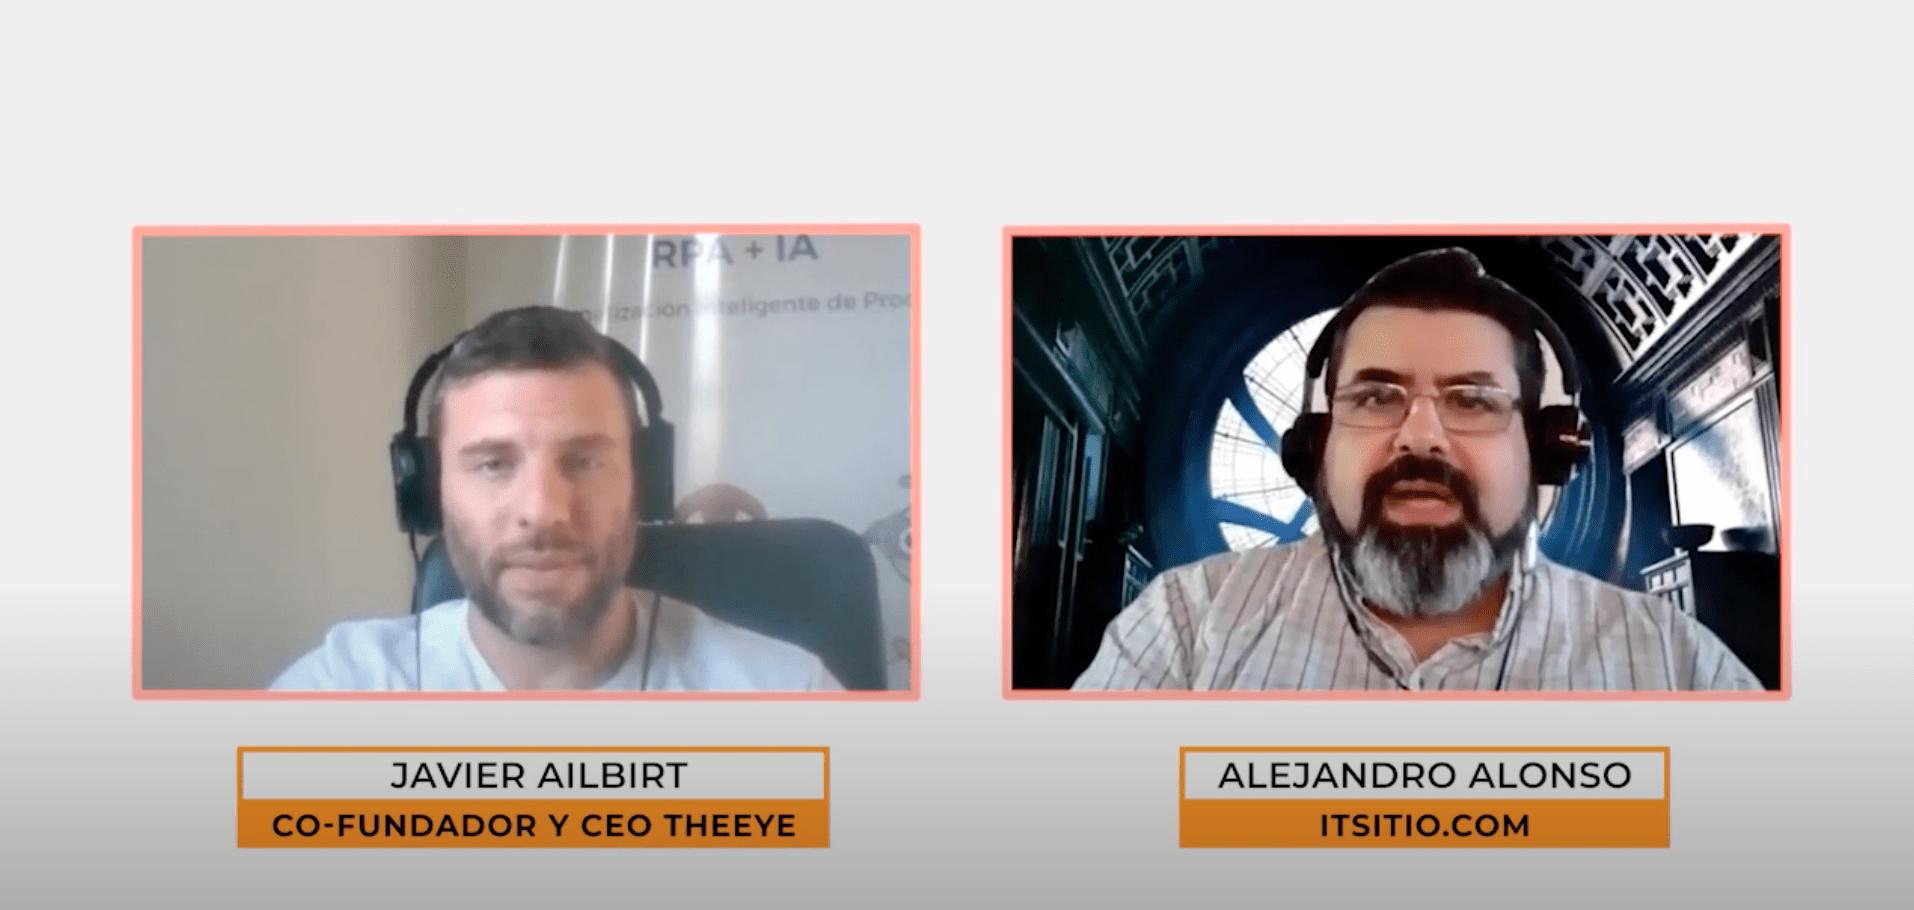 Javier Ailbirt Co-Fundador y CEO de TheEye entrevista por Alejandro Alonso de ITSitio.com